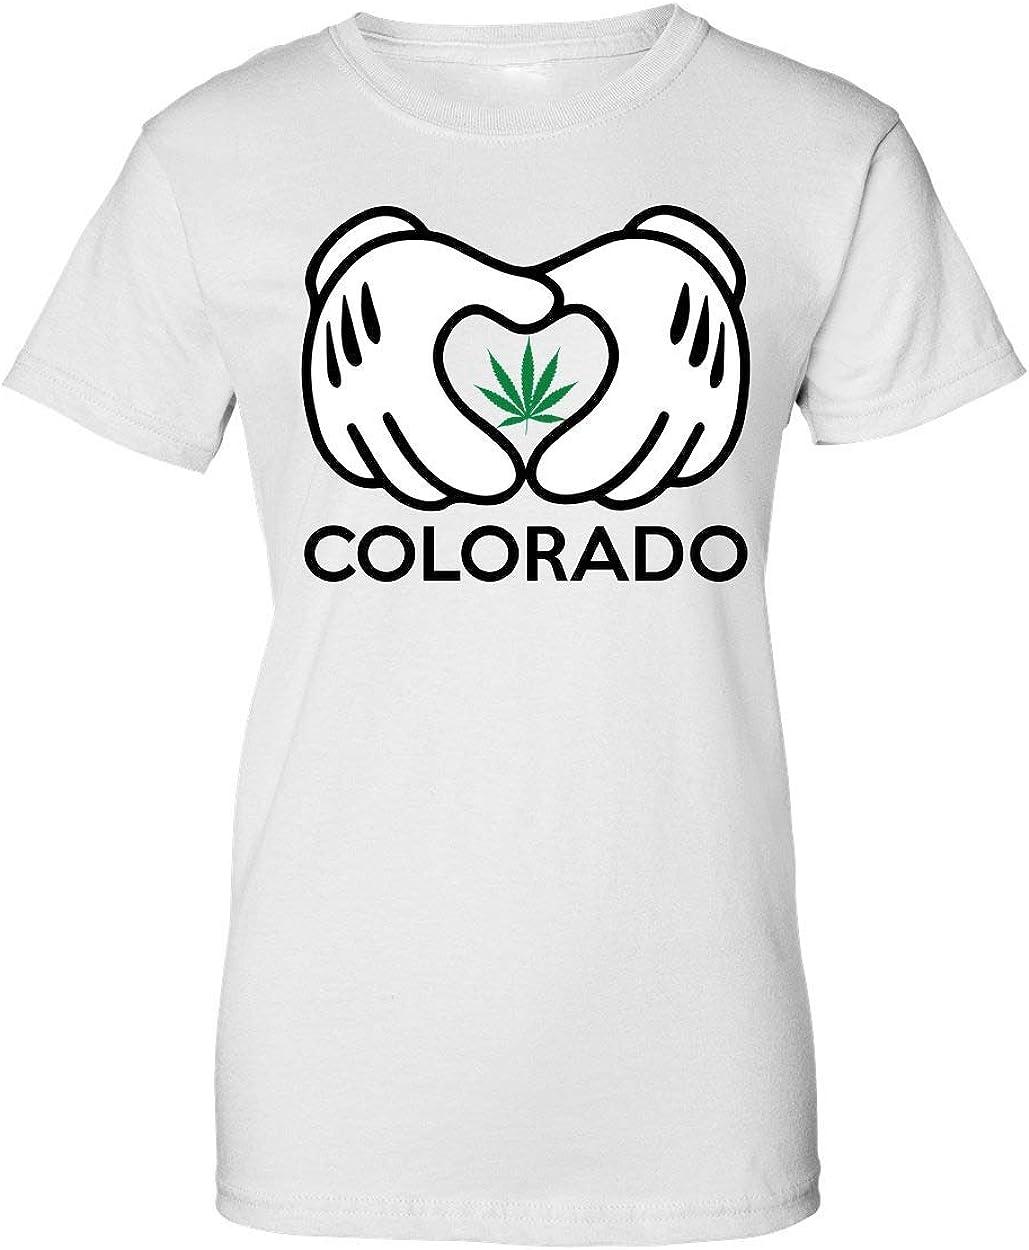 Brenos Design I Colorado Mickey Hands Weed Ganja Marijuana Cannabis Leaf 420 Camiseta de Mujer: Amazon.es: Ropa y accesorios